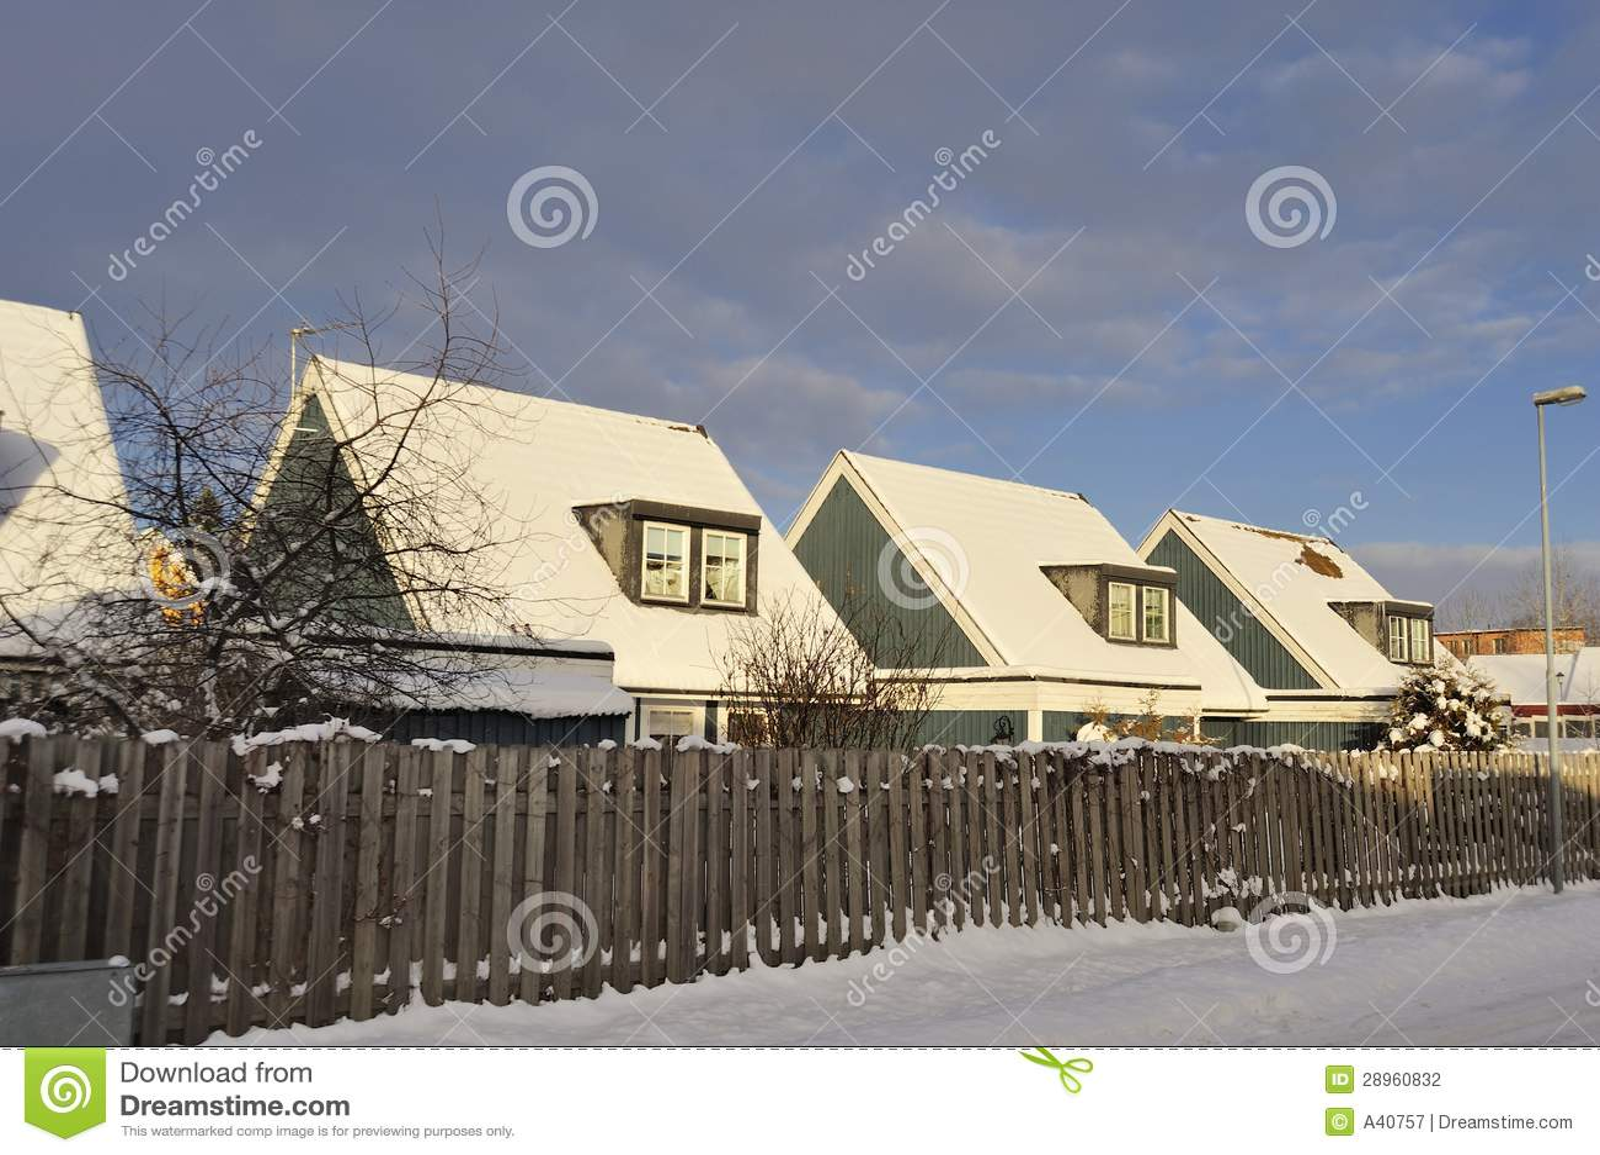 Szwedzki budynki mieszkalne